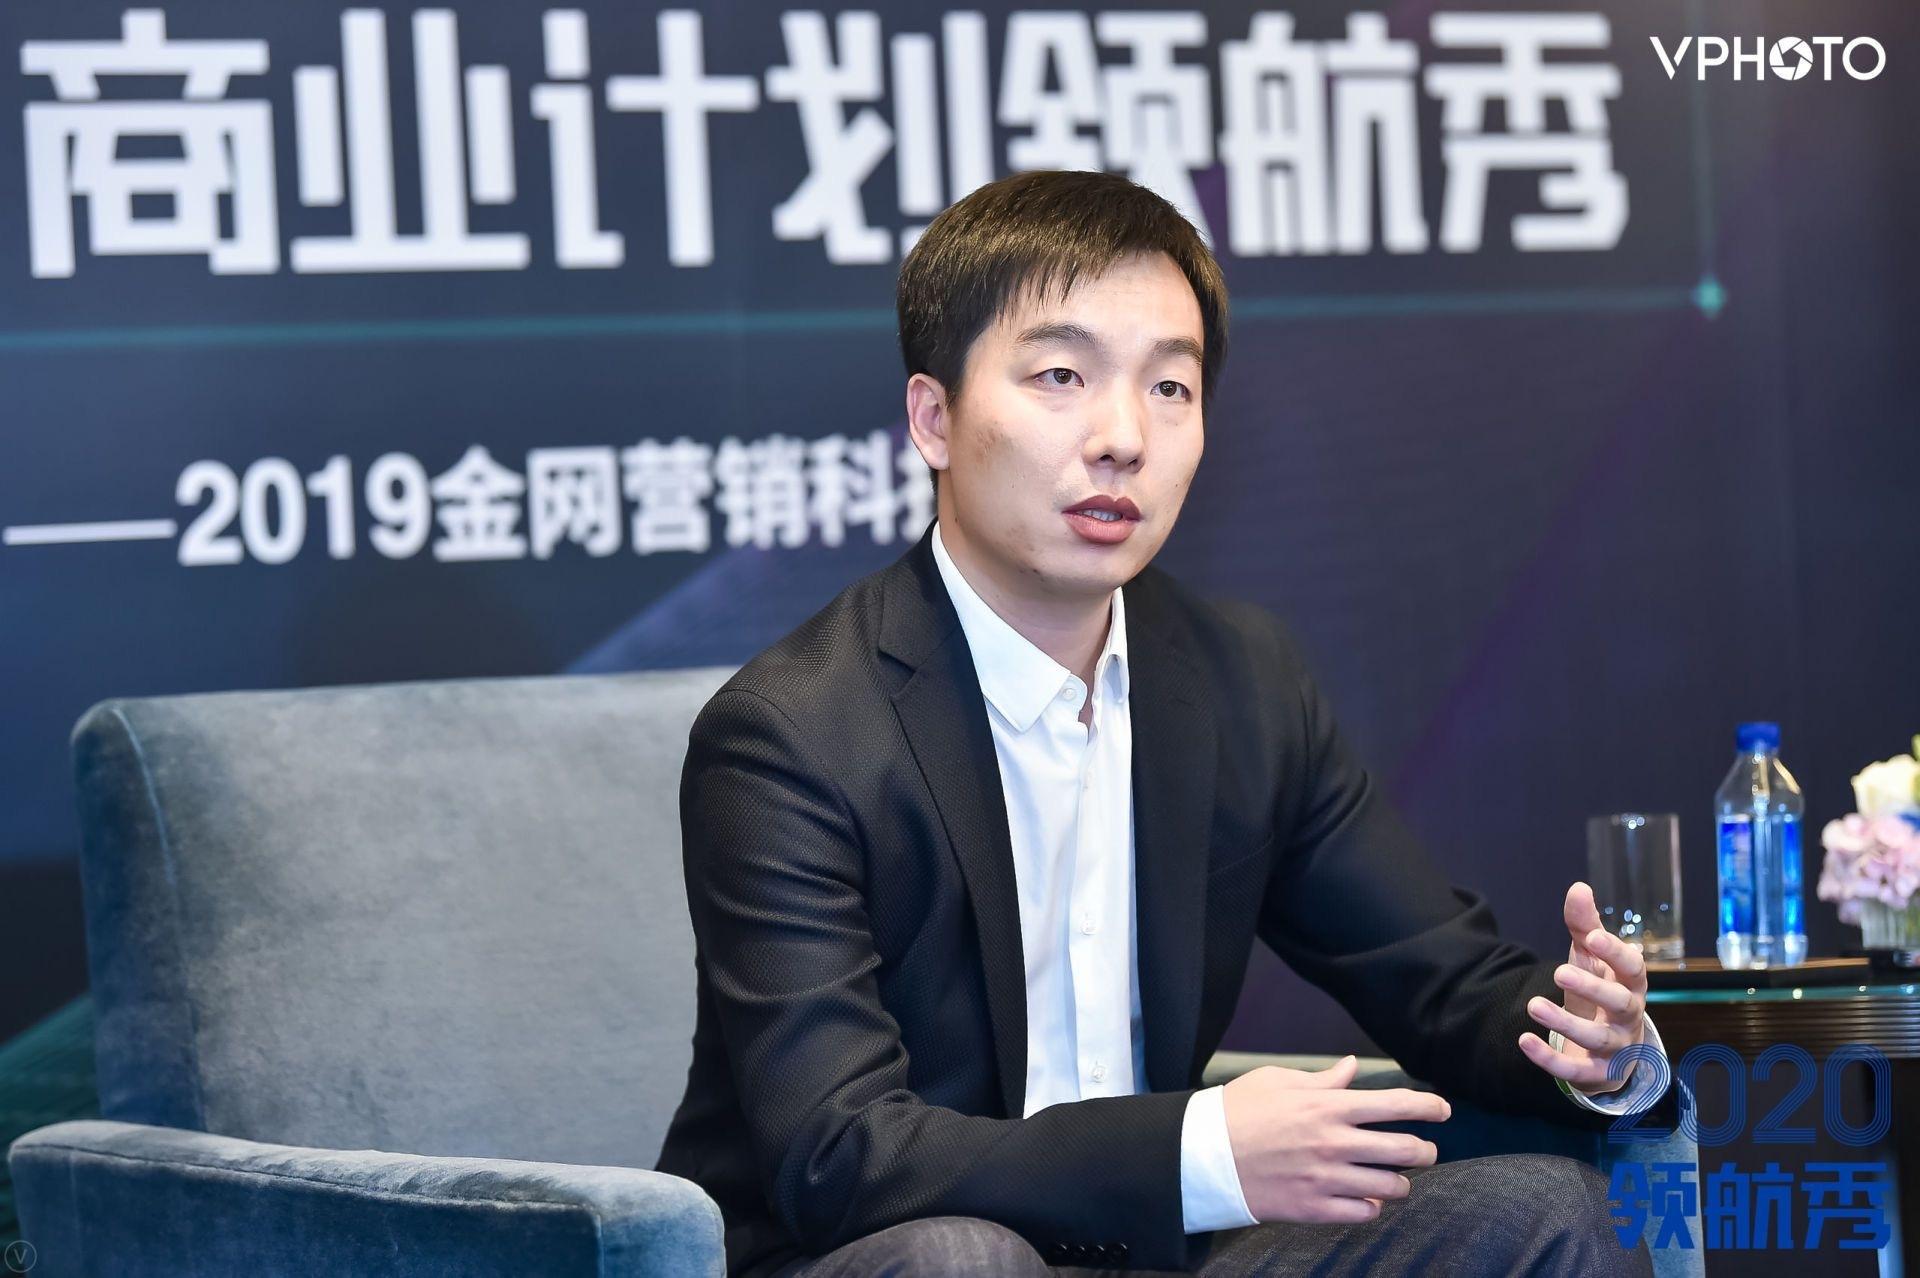 新意互动副总裁刘岩1.jpeg